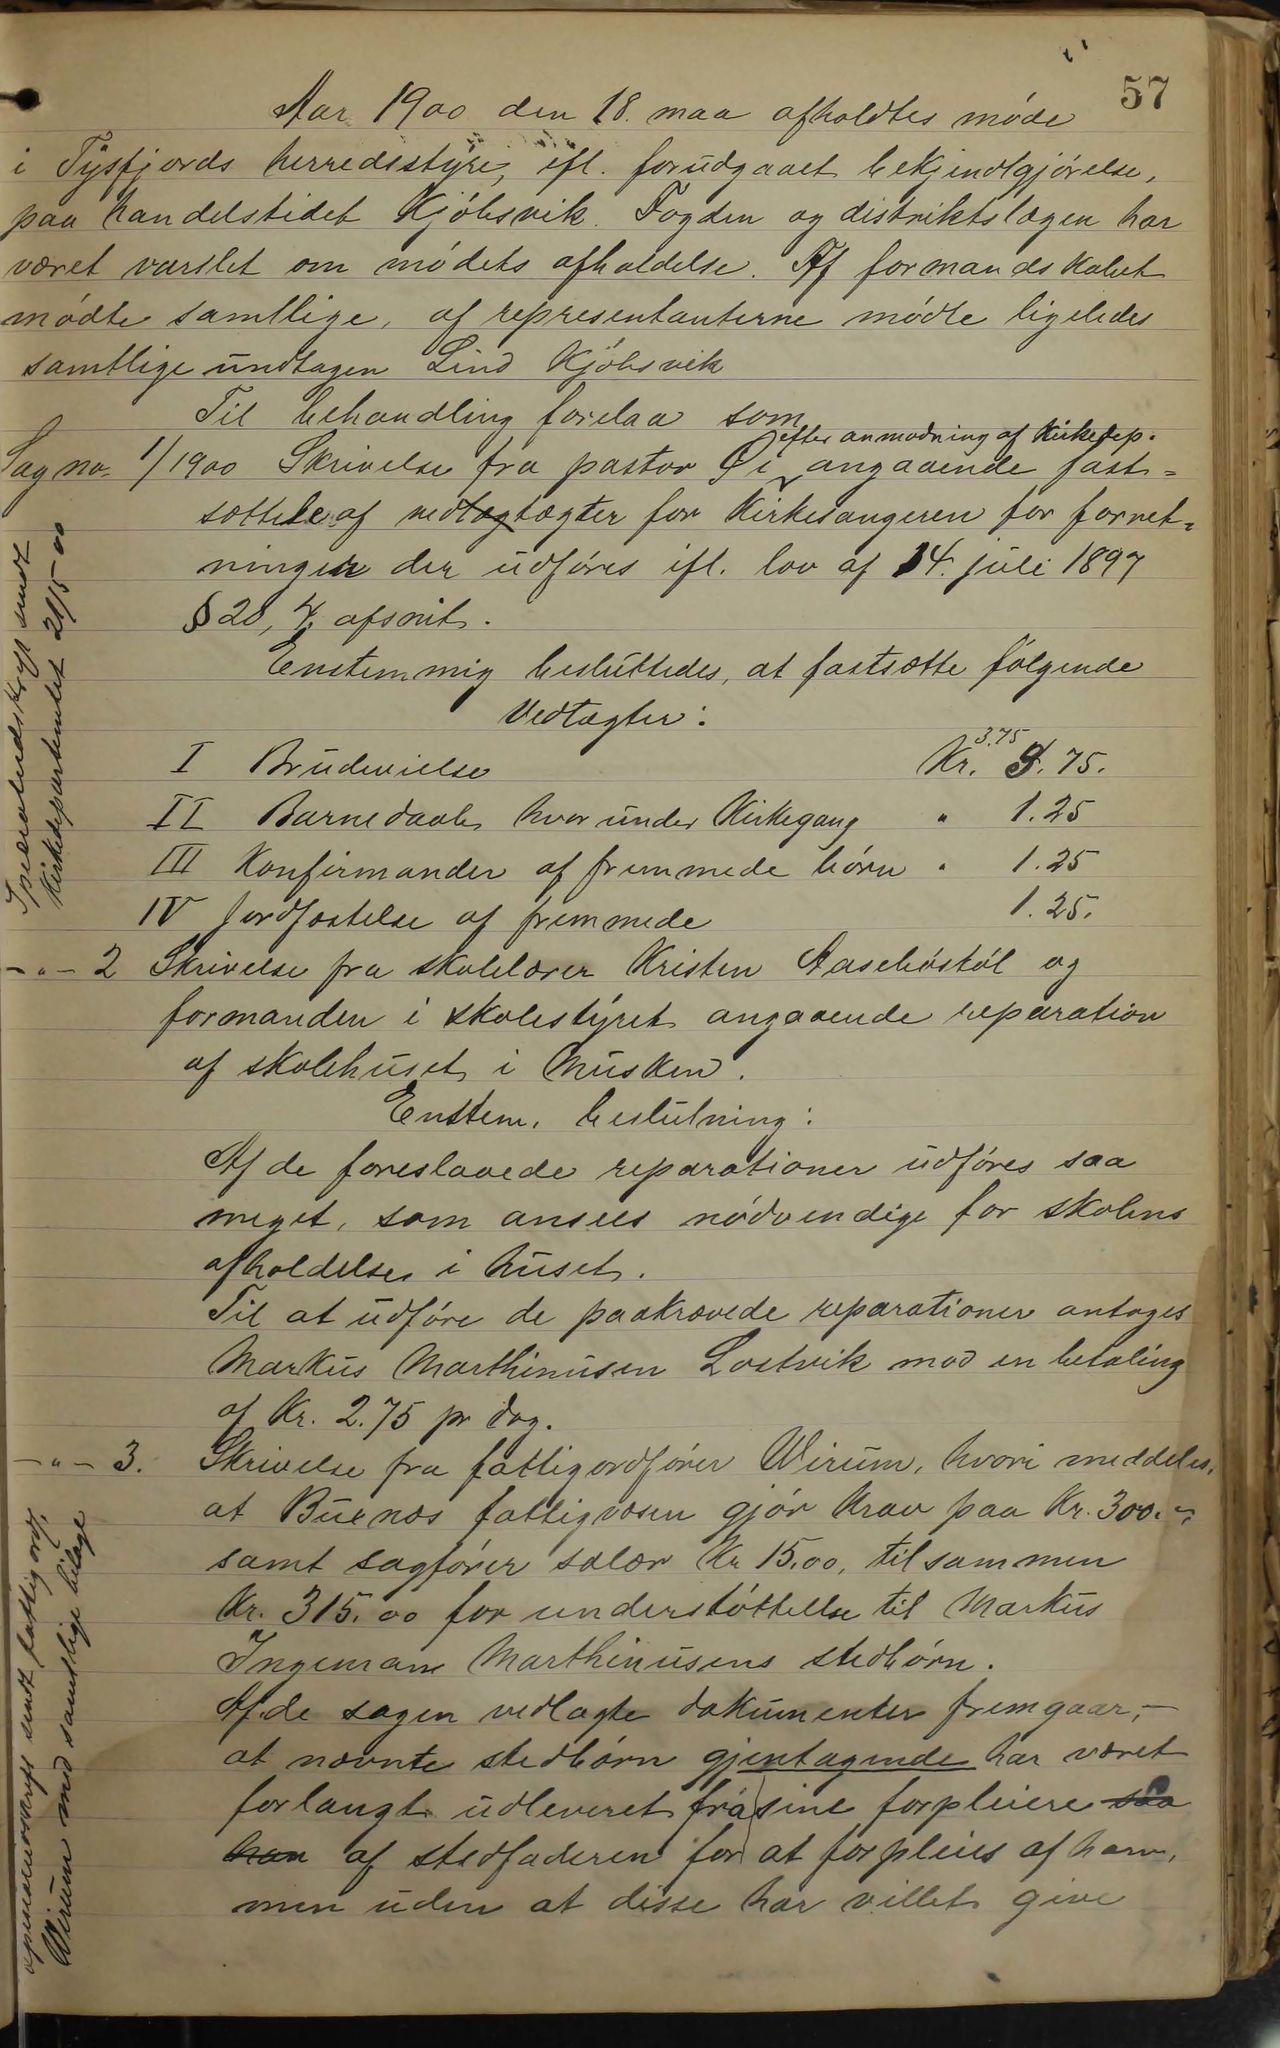 AIN, Tysfjord kommune. Formannskapet, 100/L0002: Forhandlingsprotokoll for Tysfjordens formandskap, 1895-1912, p. 57